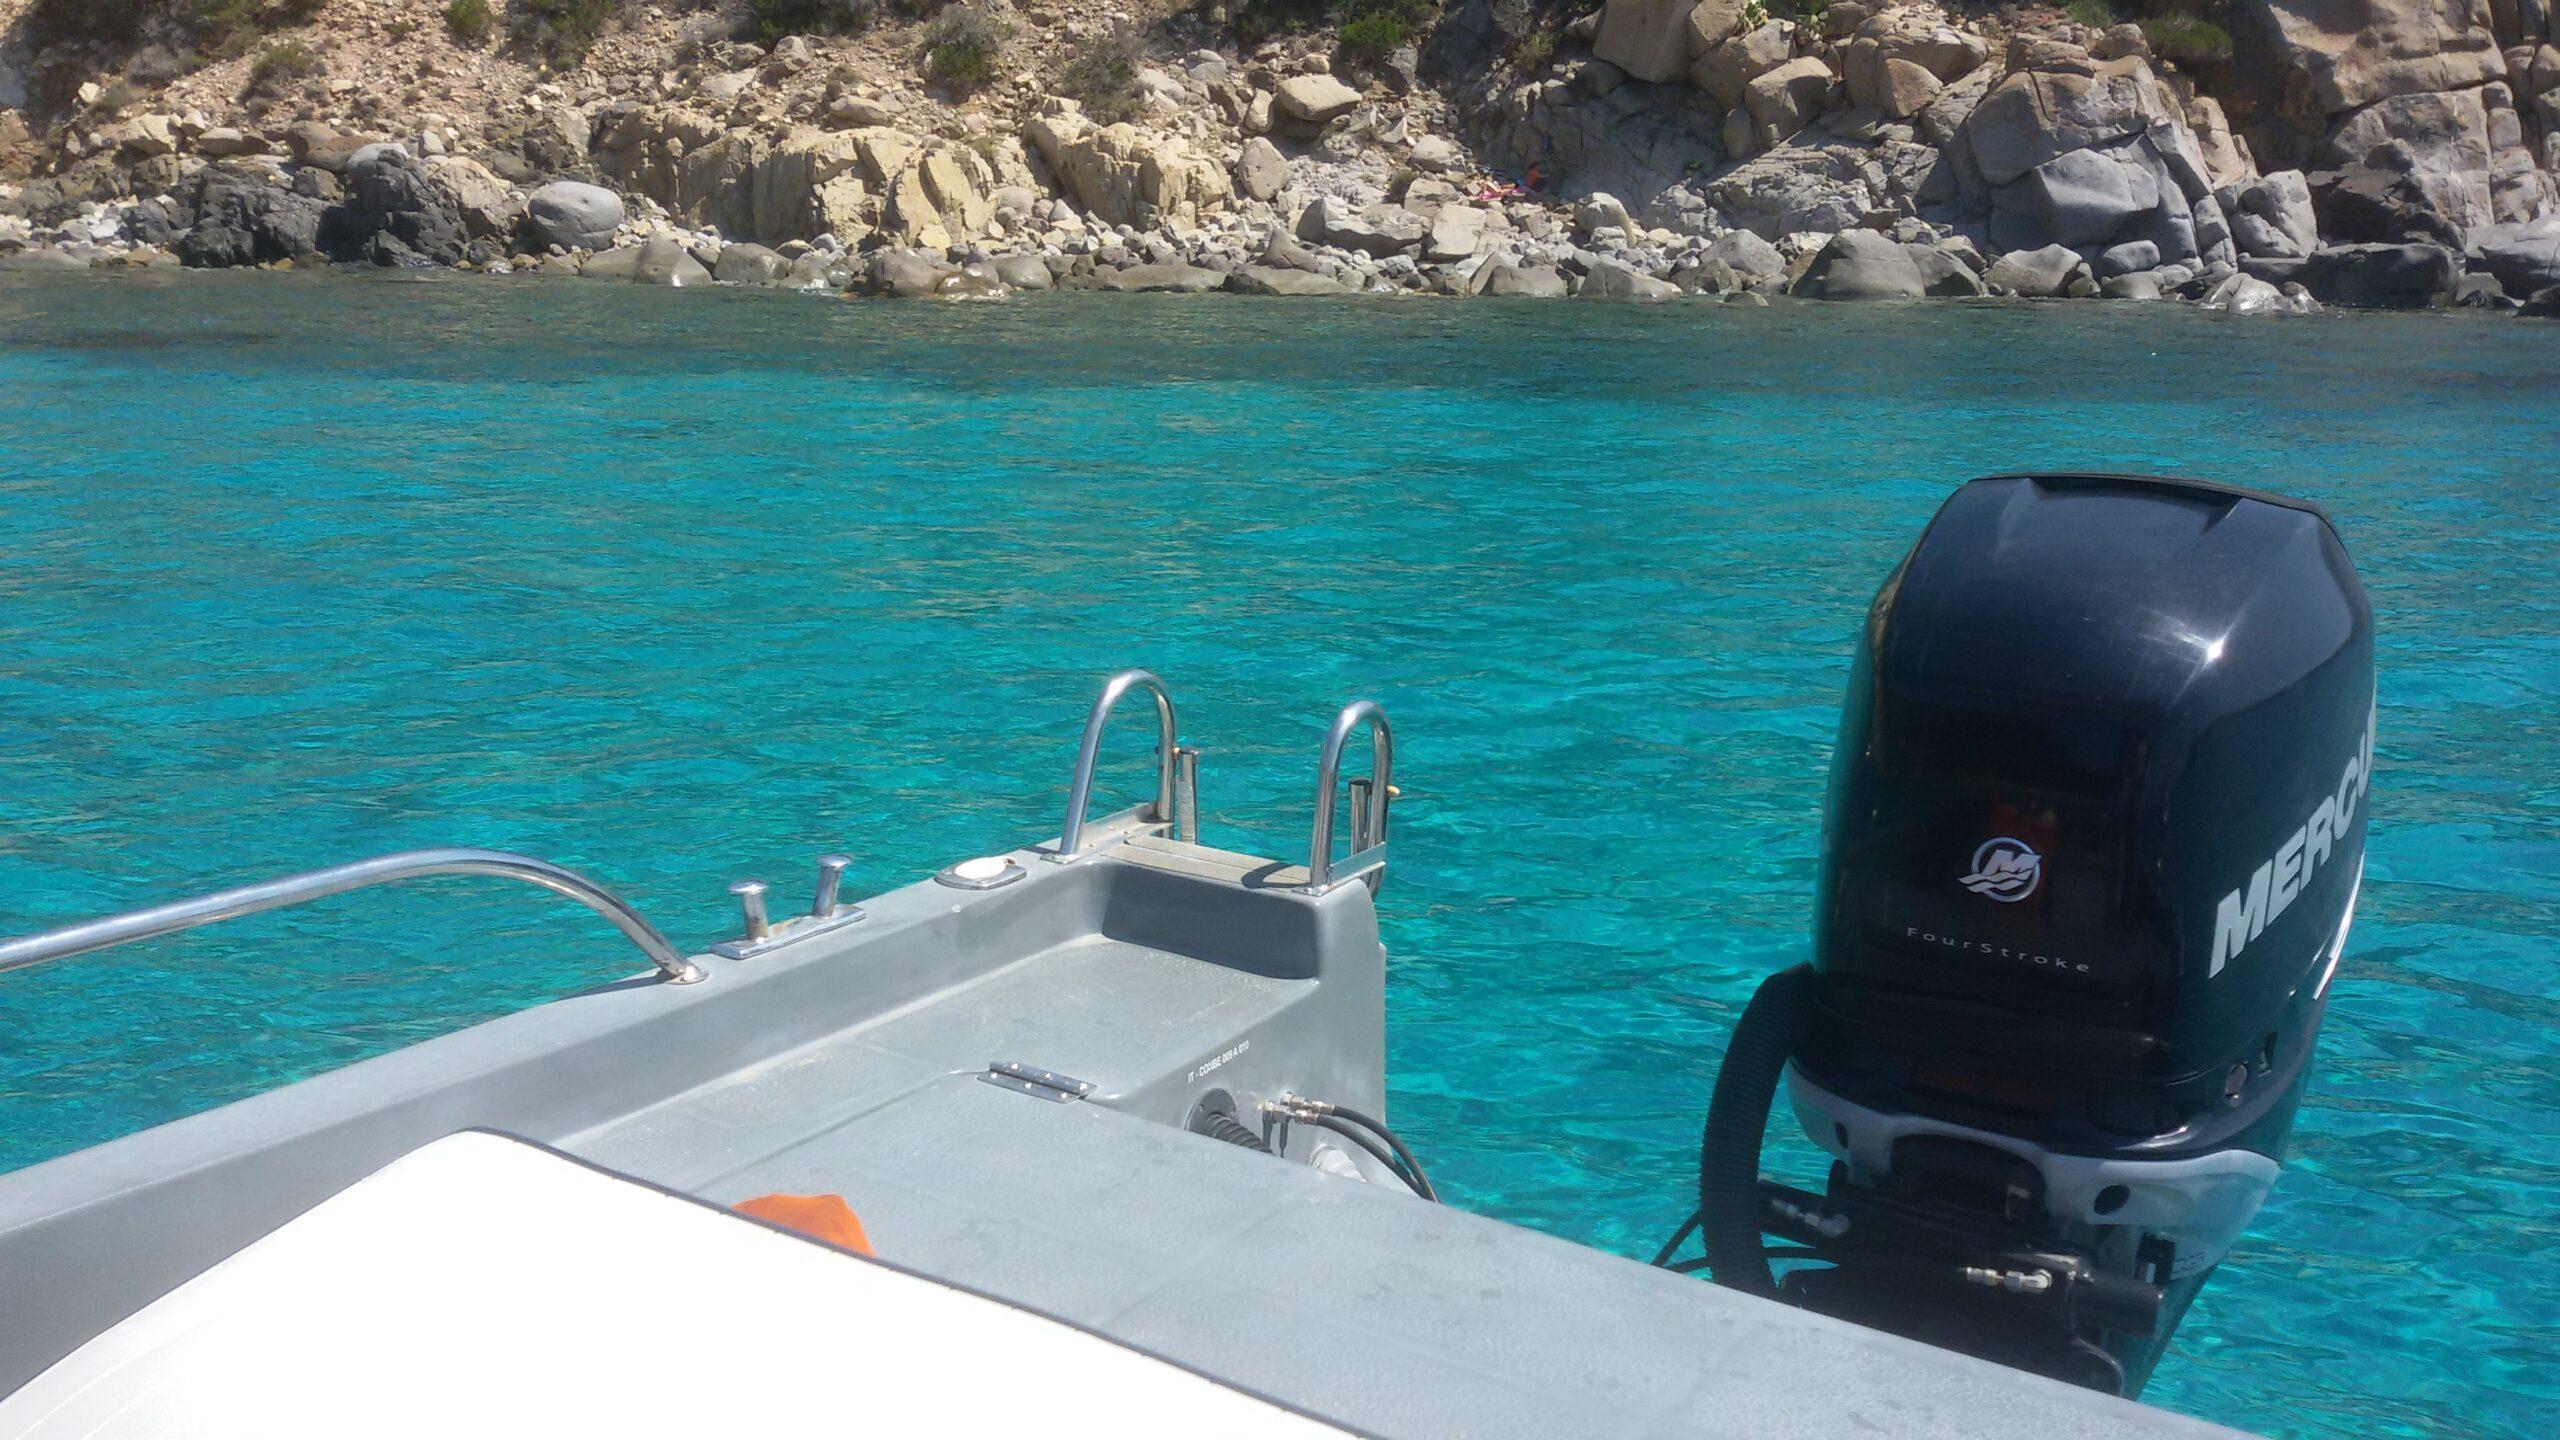 Noleggio barca a motore Cagliari